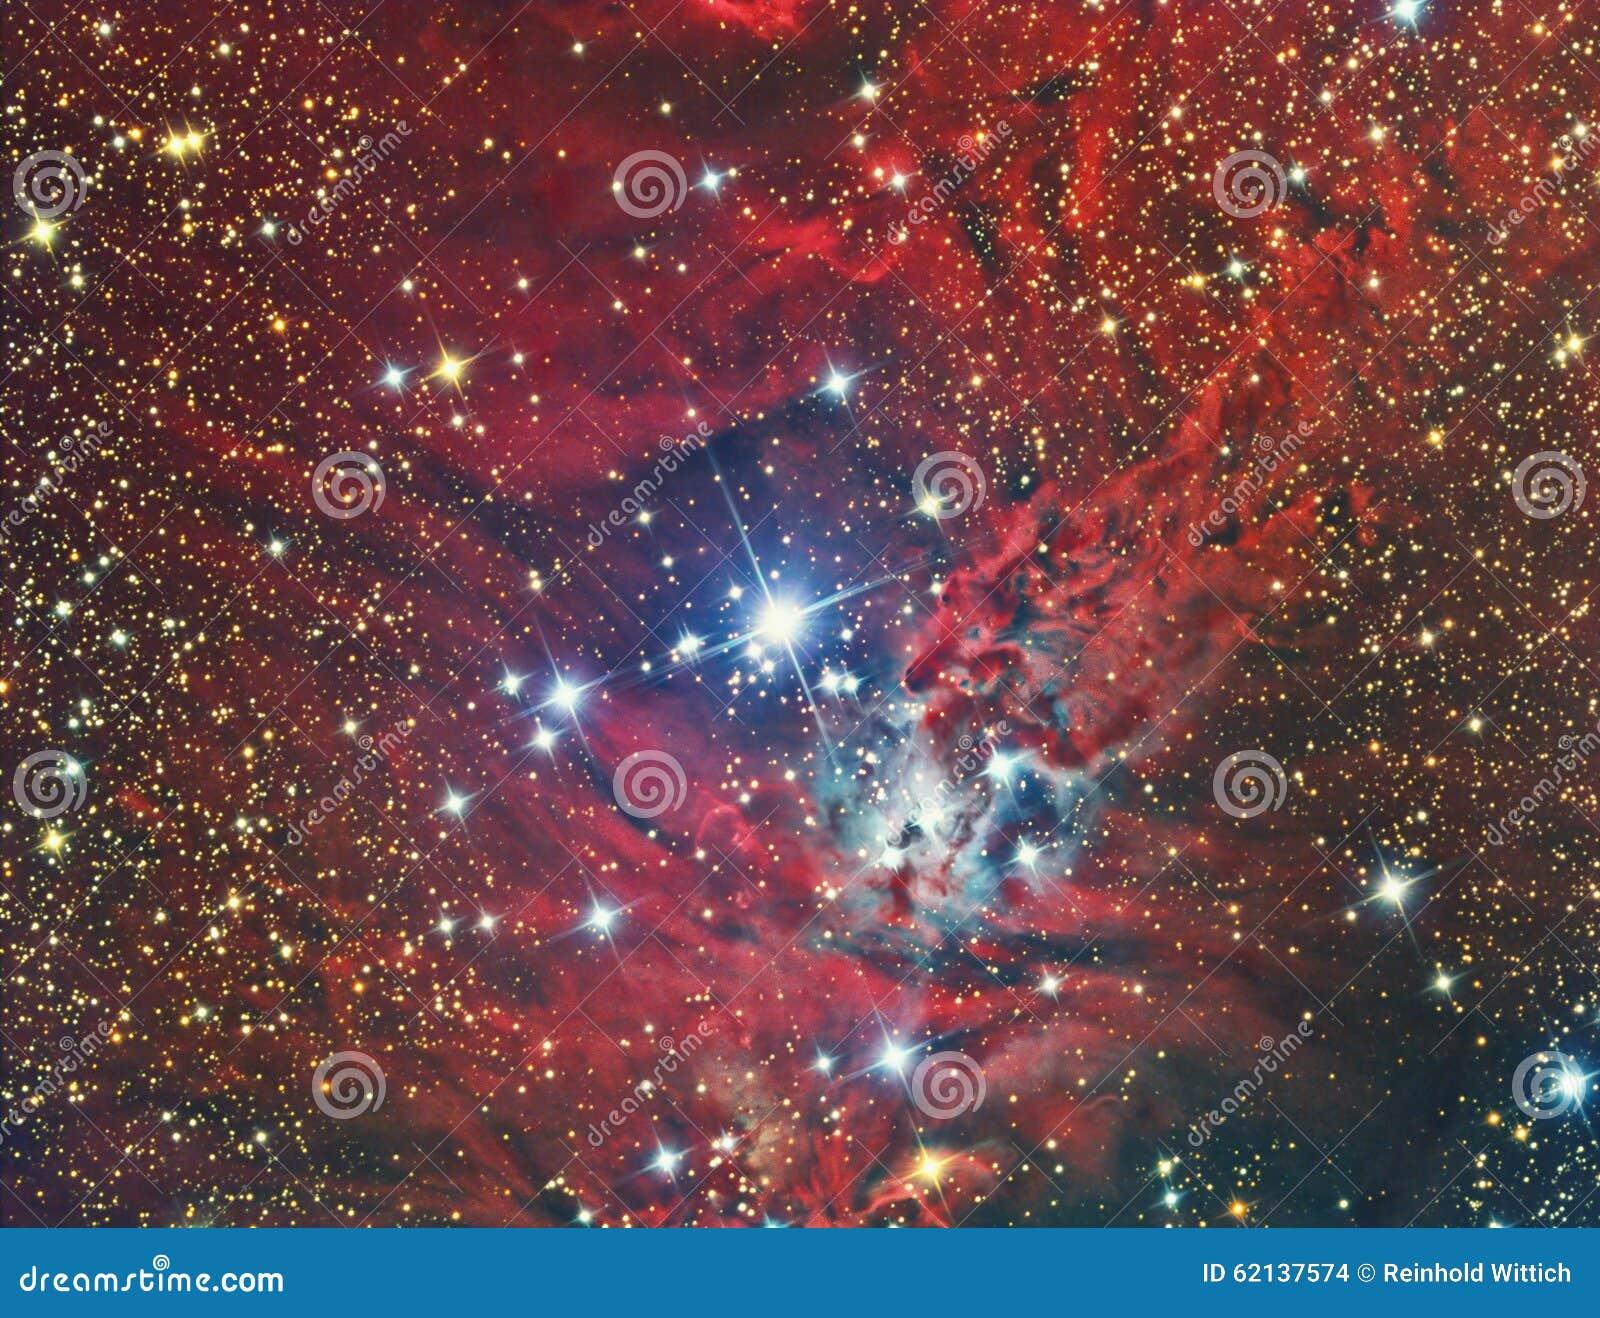 NGC 2264 Christmas Tree Cluster and Nebula